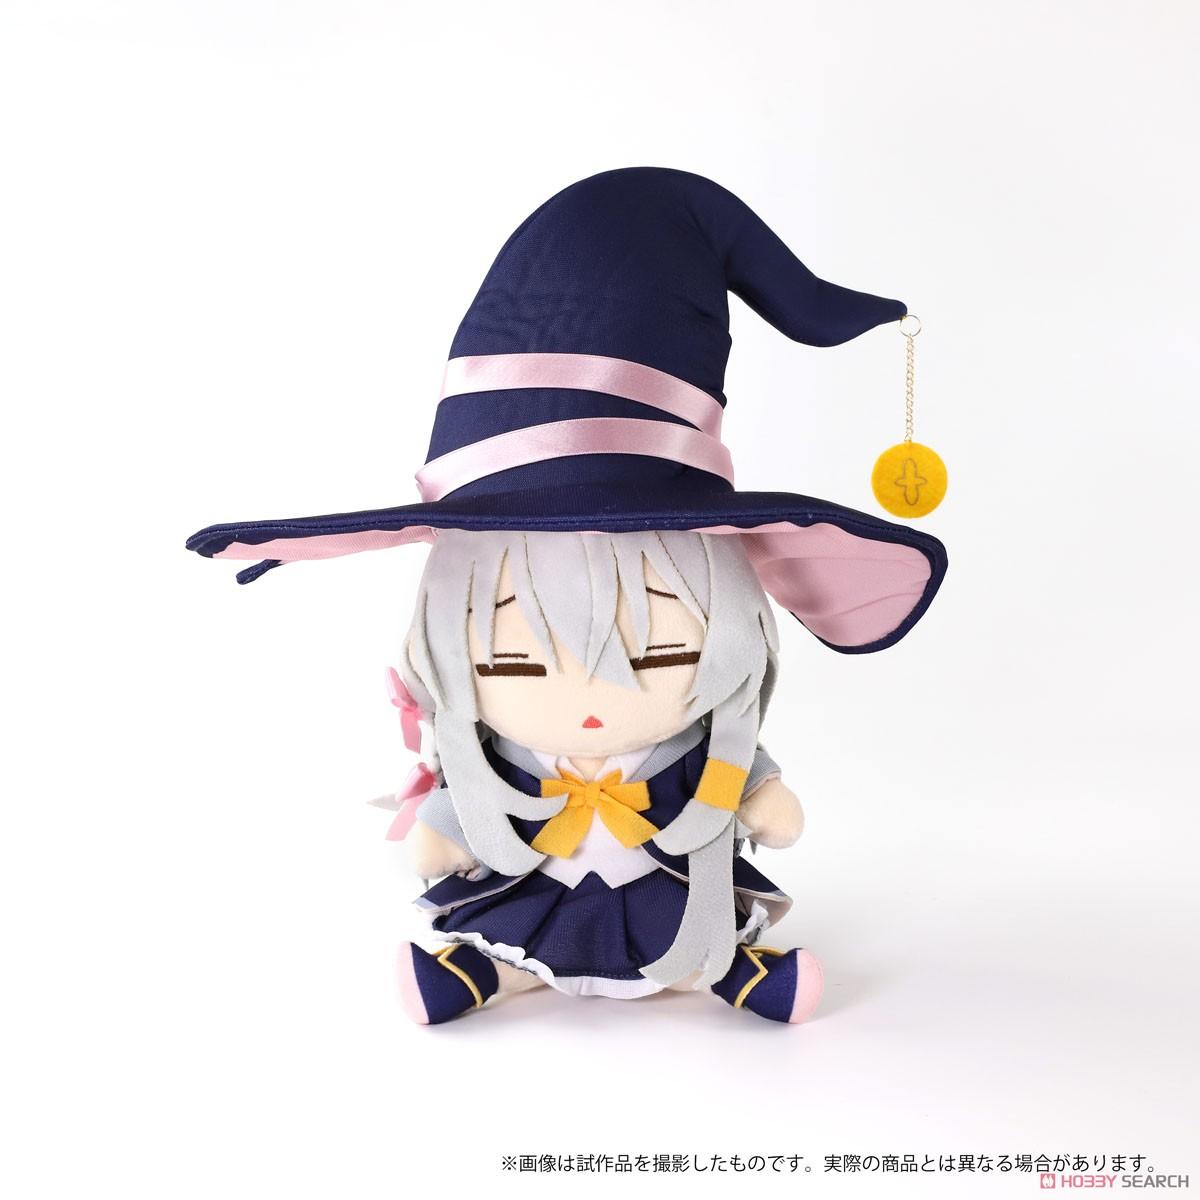 魔女の旅々『イレイナ だるぐるみ』ぬいぐるみ-001